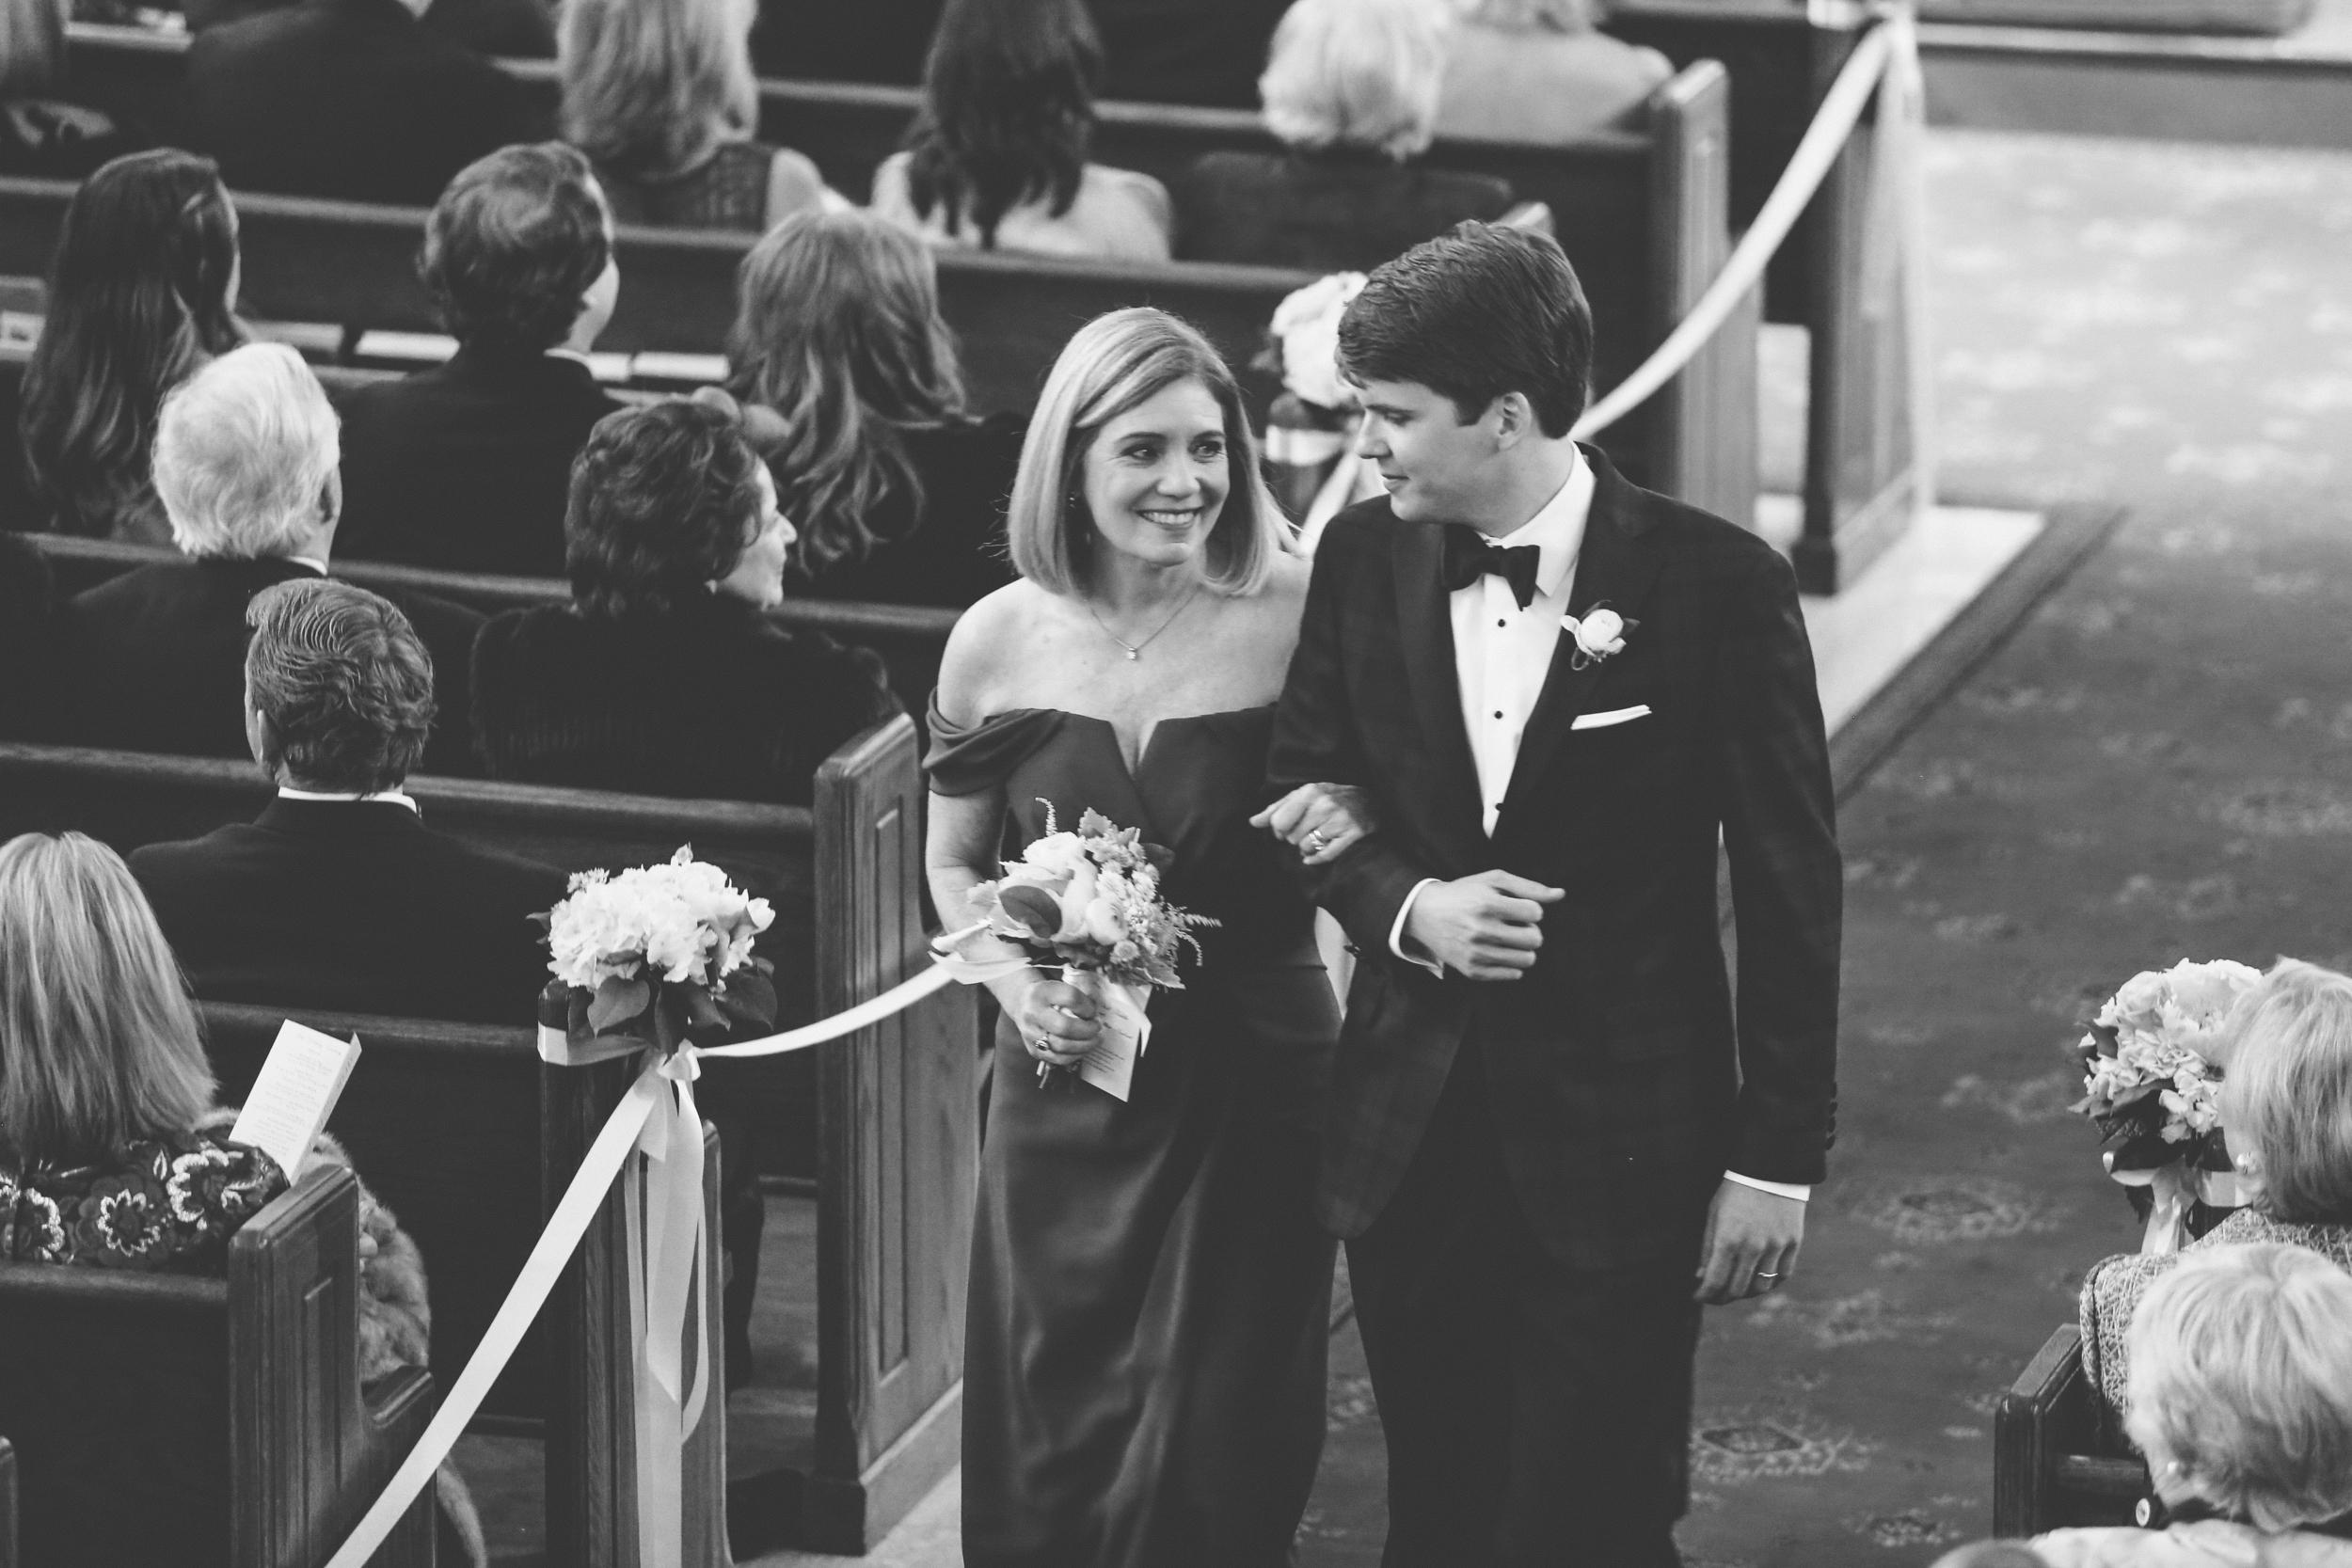 Kuhlke_wedding-605.jpg